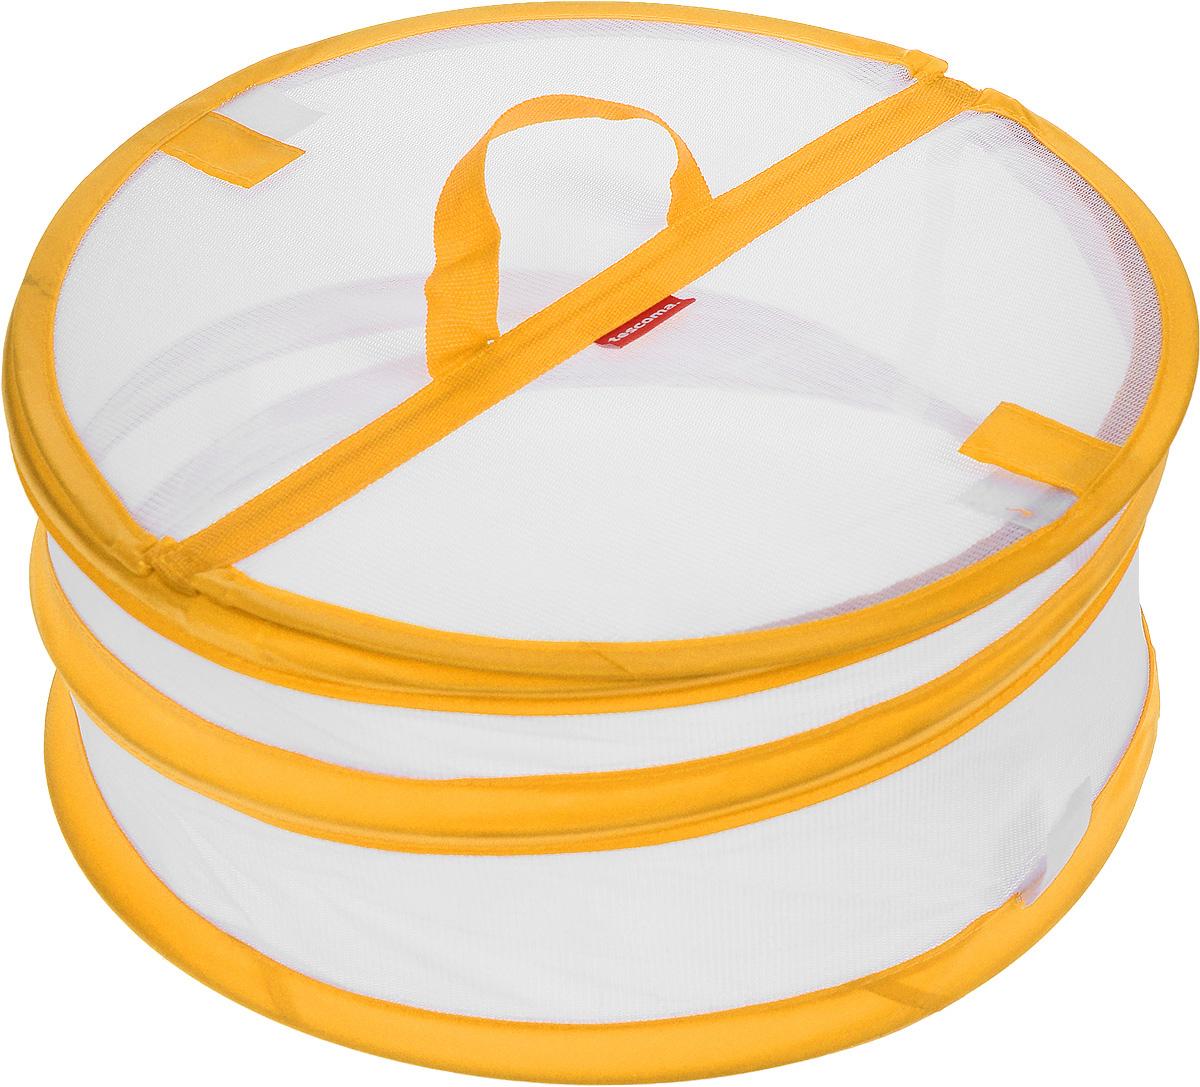 Крышка для пищевых продуктов Tescoma Delicia, складная, цвет: белый, оранжевый, диаметр 30 см630850_оранжевыйКрышка для пищевых продуктов Tescoma Delicia защитит еду от пыли и насекомых дома и на открытом воздухе. Крышка изготовлена из сетчатого текстиля и оснащена гибким металлическим каркасом. Просто составьте посуду с едой и накройте ее крышкой. Для легкого доступа изделие снабжено откидным верхом на липучке. Крышка легко складывается и раскладывается, при хранении занимает минимум пространства. Высота в разложенном виде: 15 см. Высота в сложенном виде: 1 см.